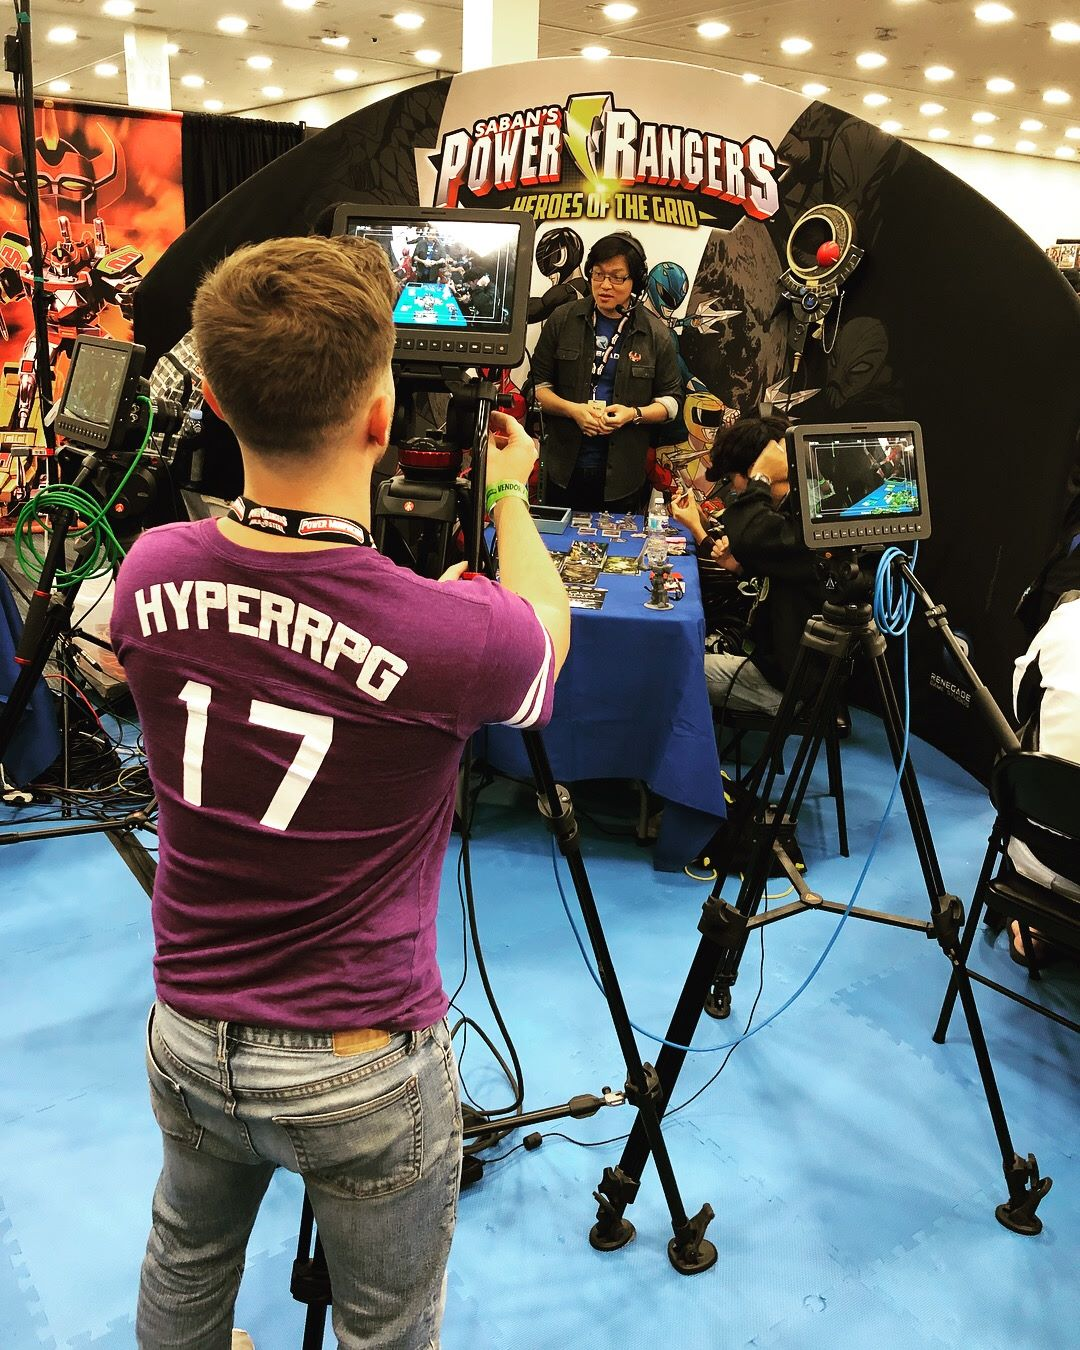 Hyper RPG playthrough filming!